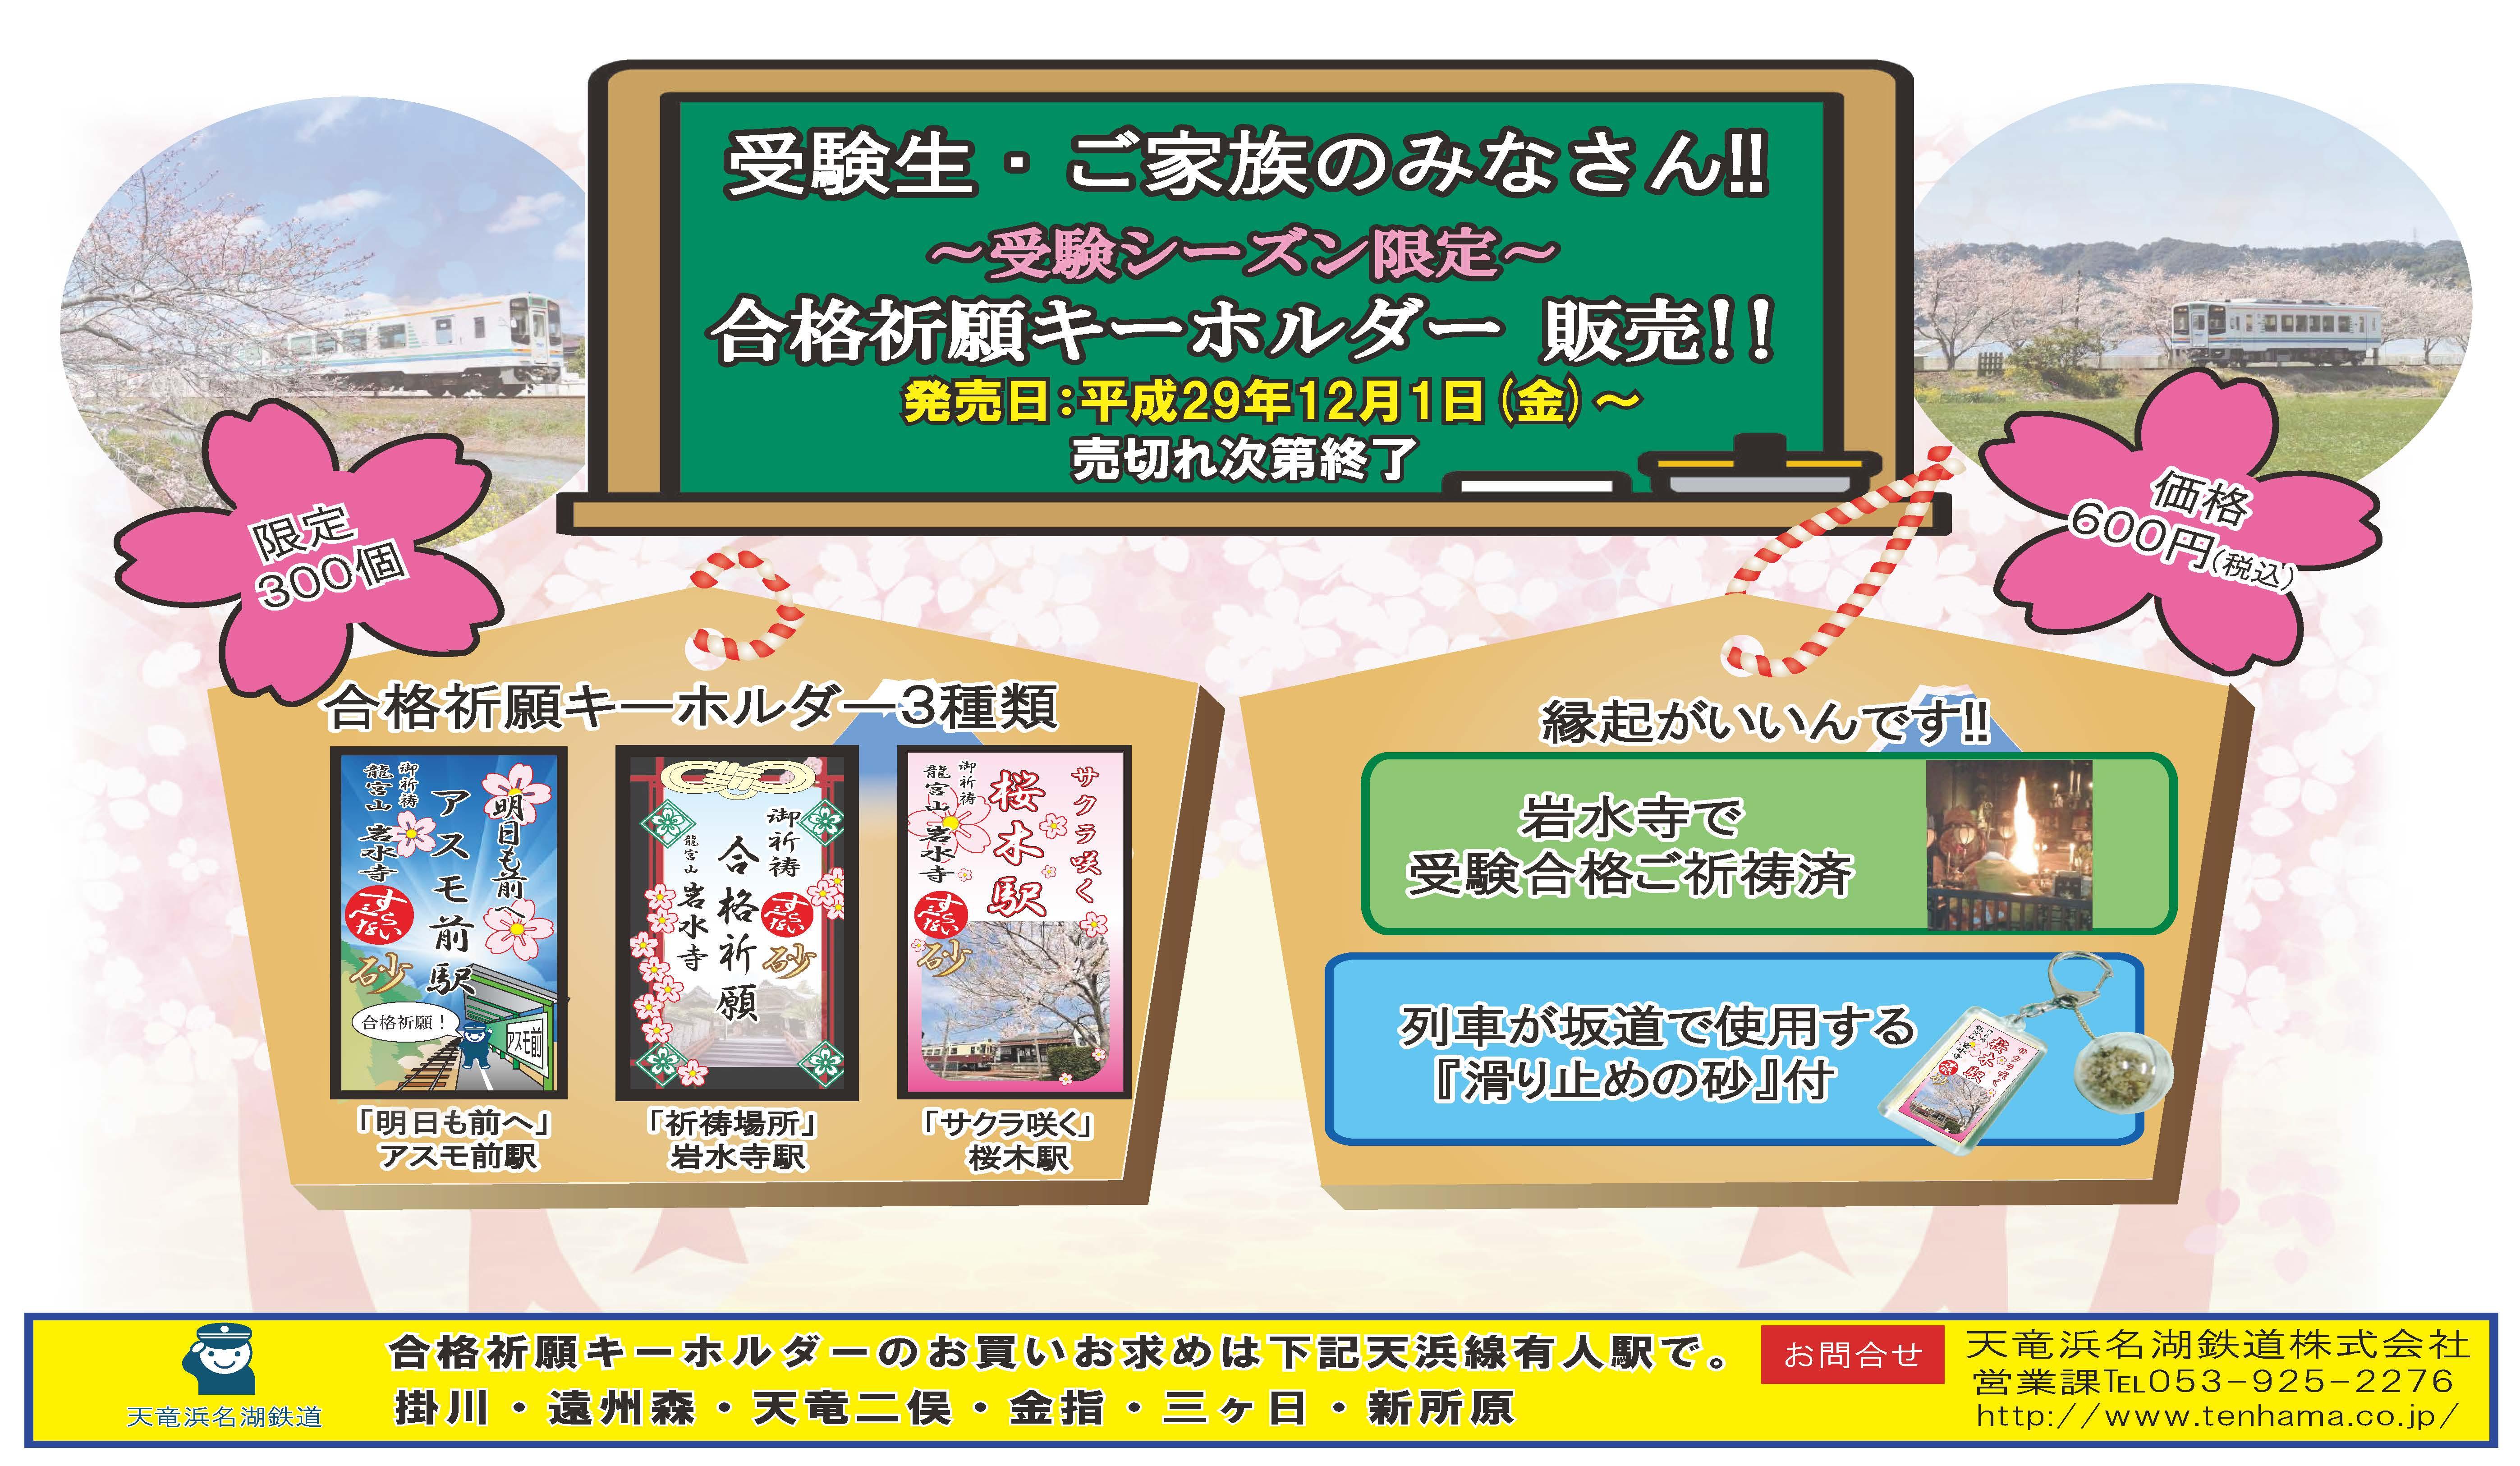 平成30年版合格祈願ポスター【完成版】.compressed